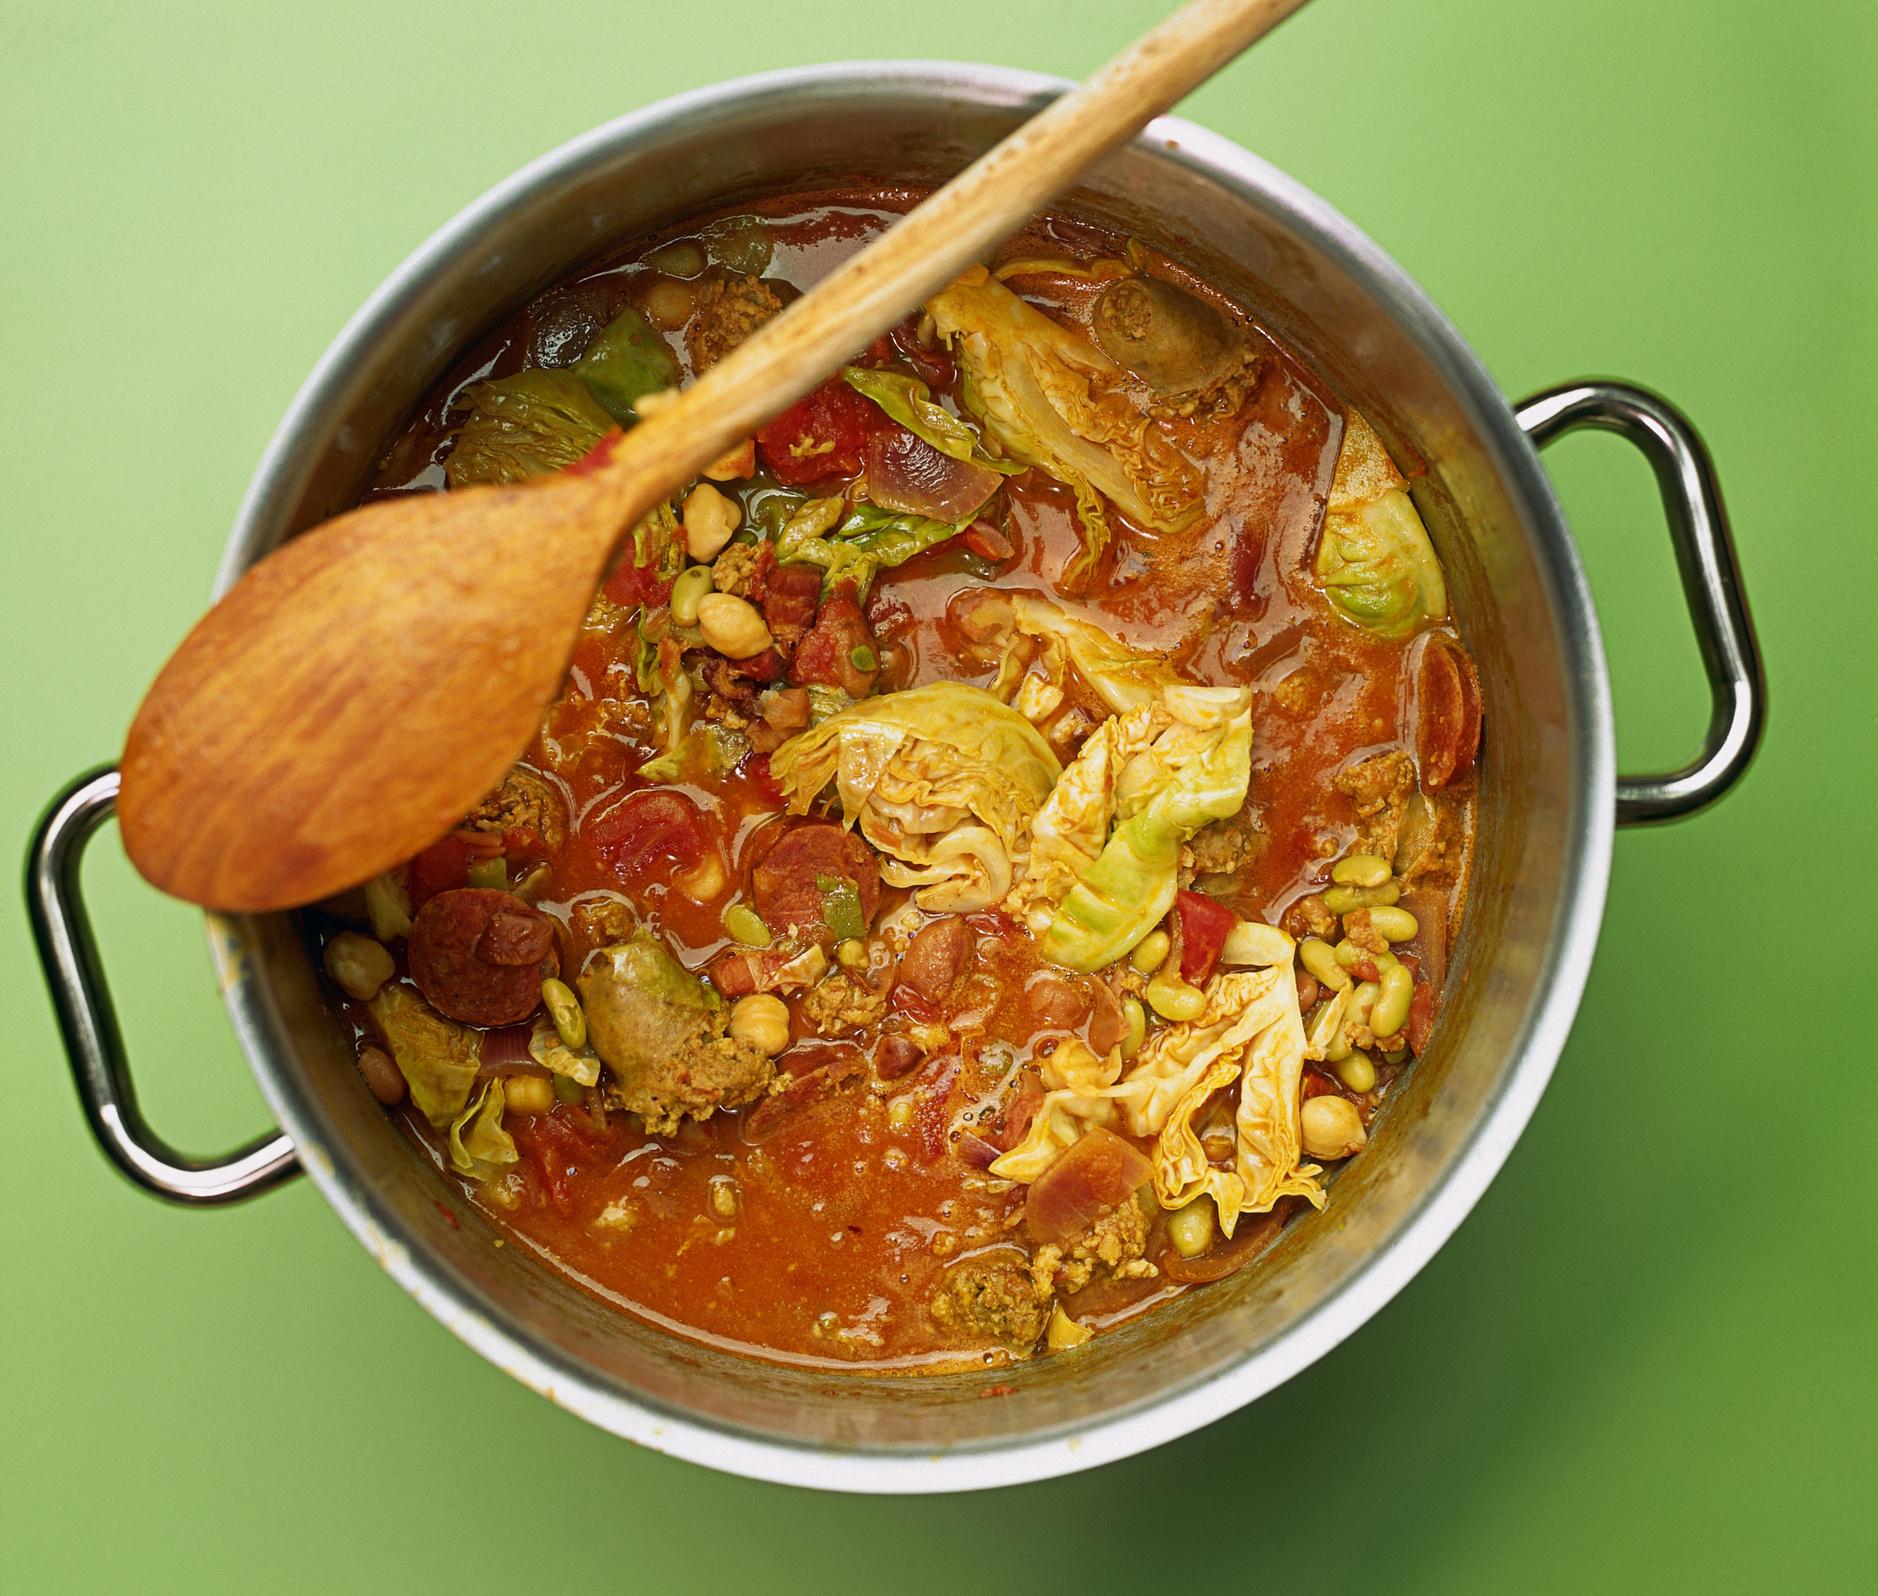 как приготовить вкусную солянку из капусты с мясом